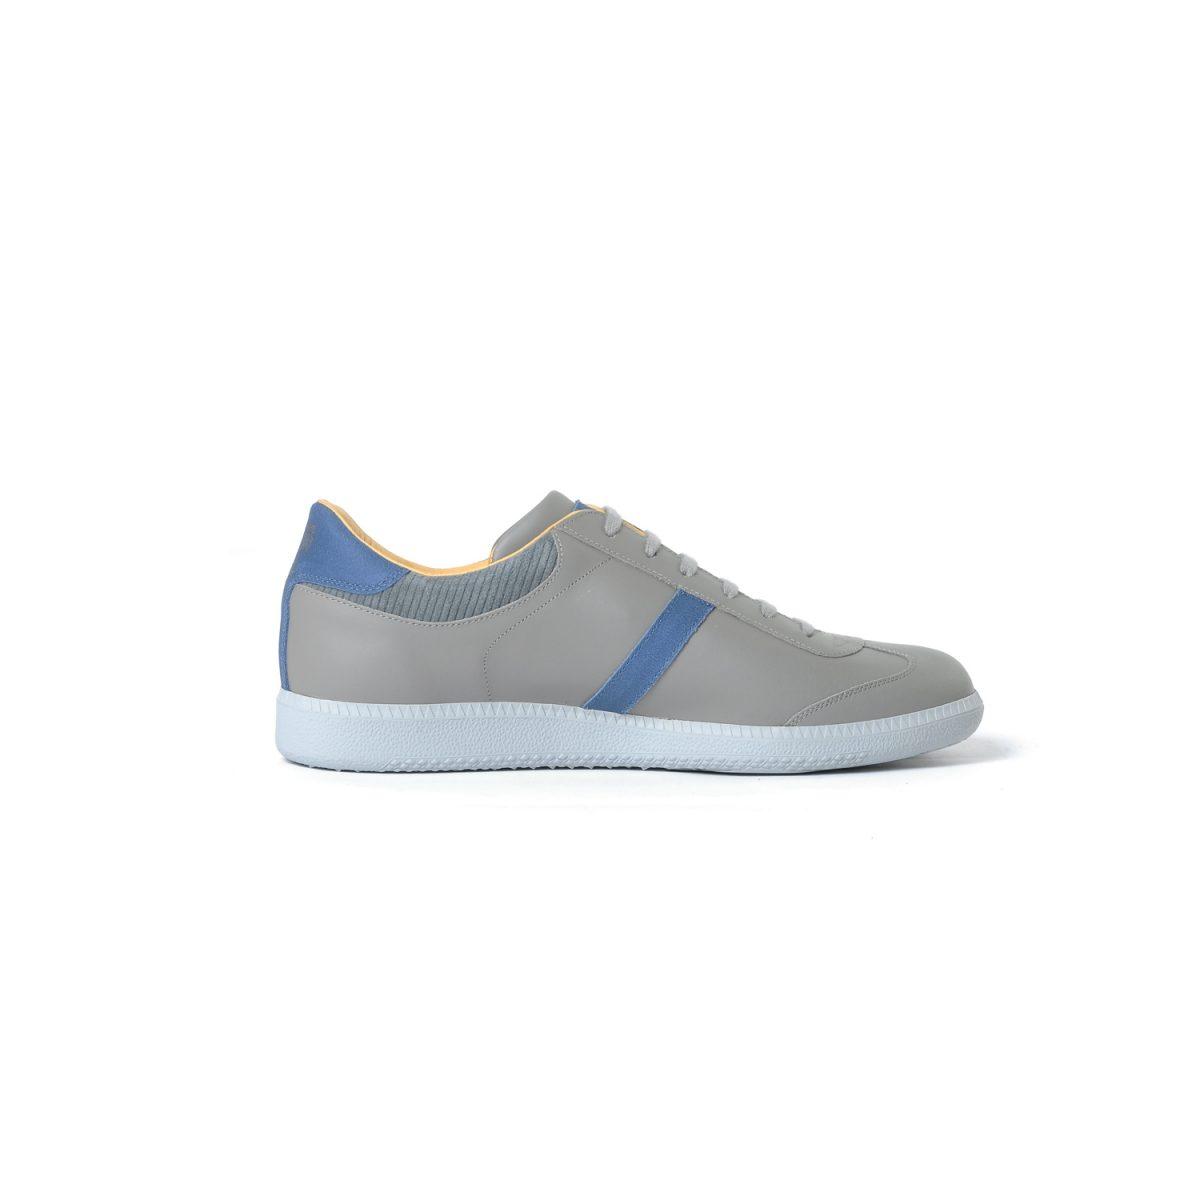 Tisza cipő - Compakt - Szürke-kék-kord